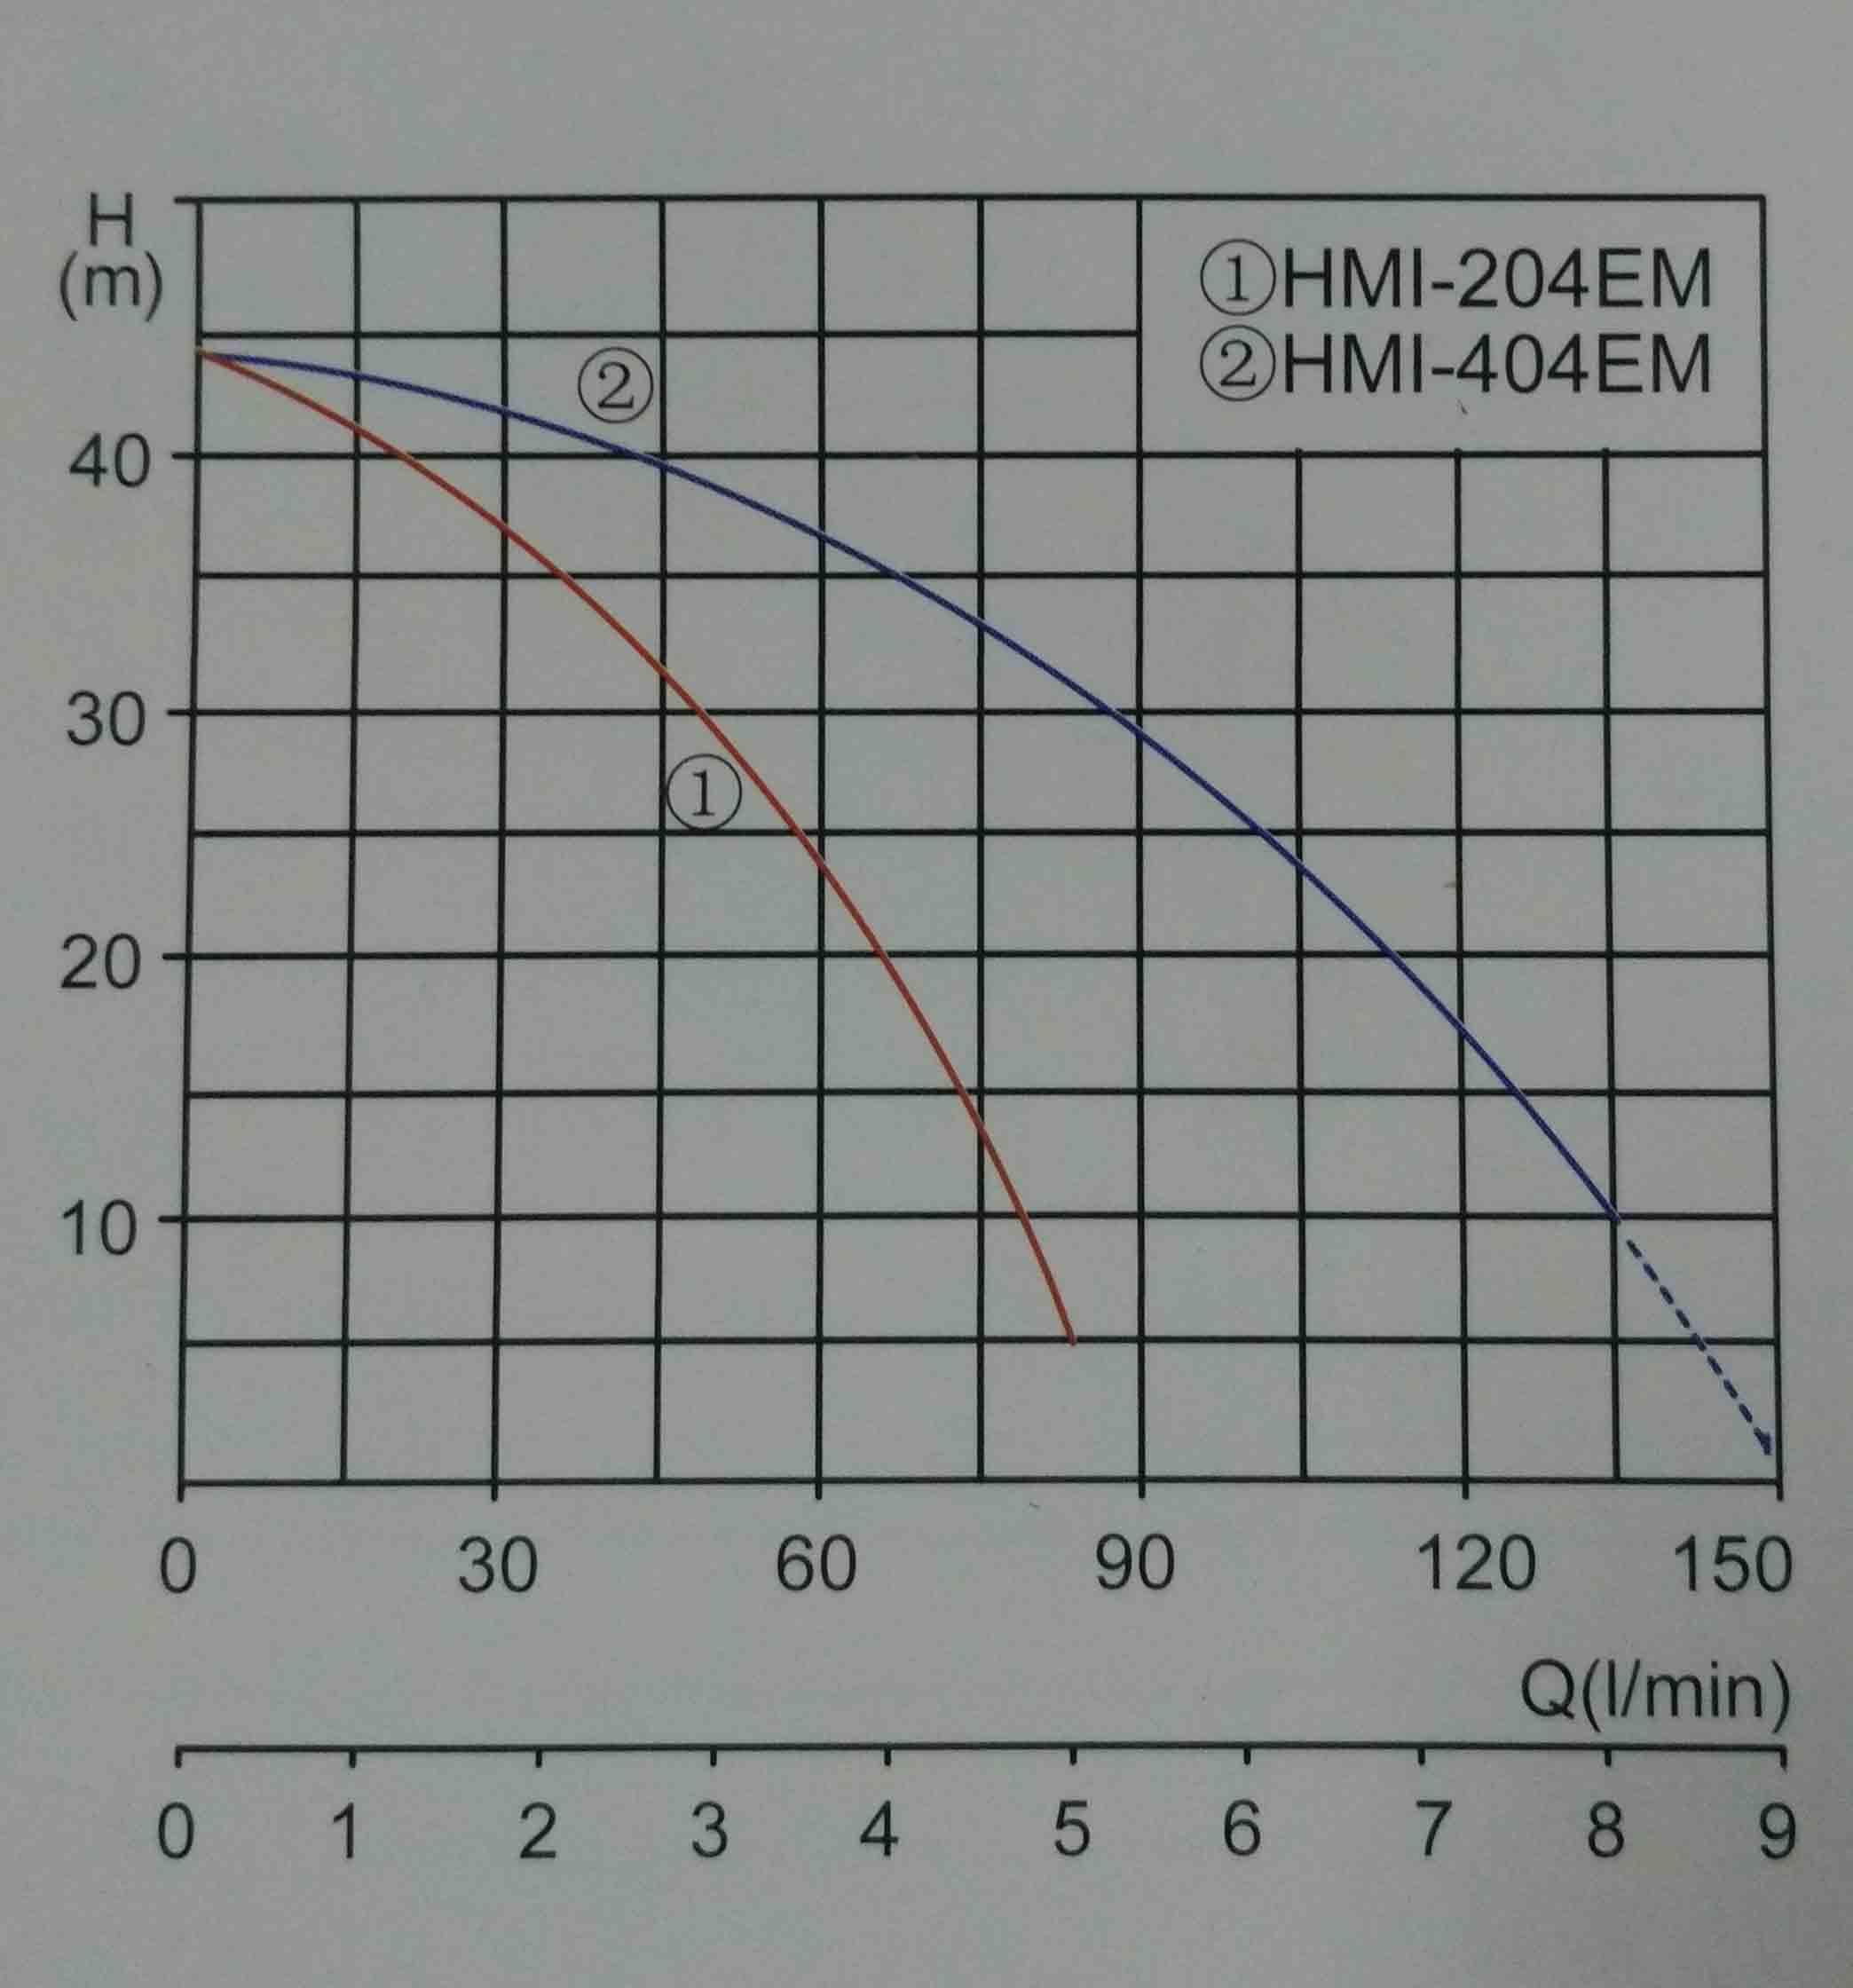 小蝌蚪软件小视频播放HMI-204 404EM曲线.jpg